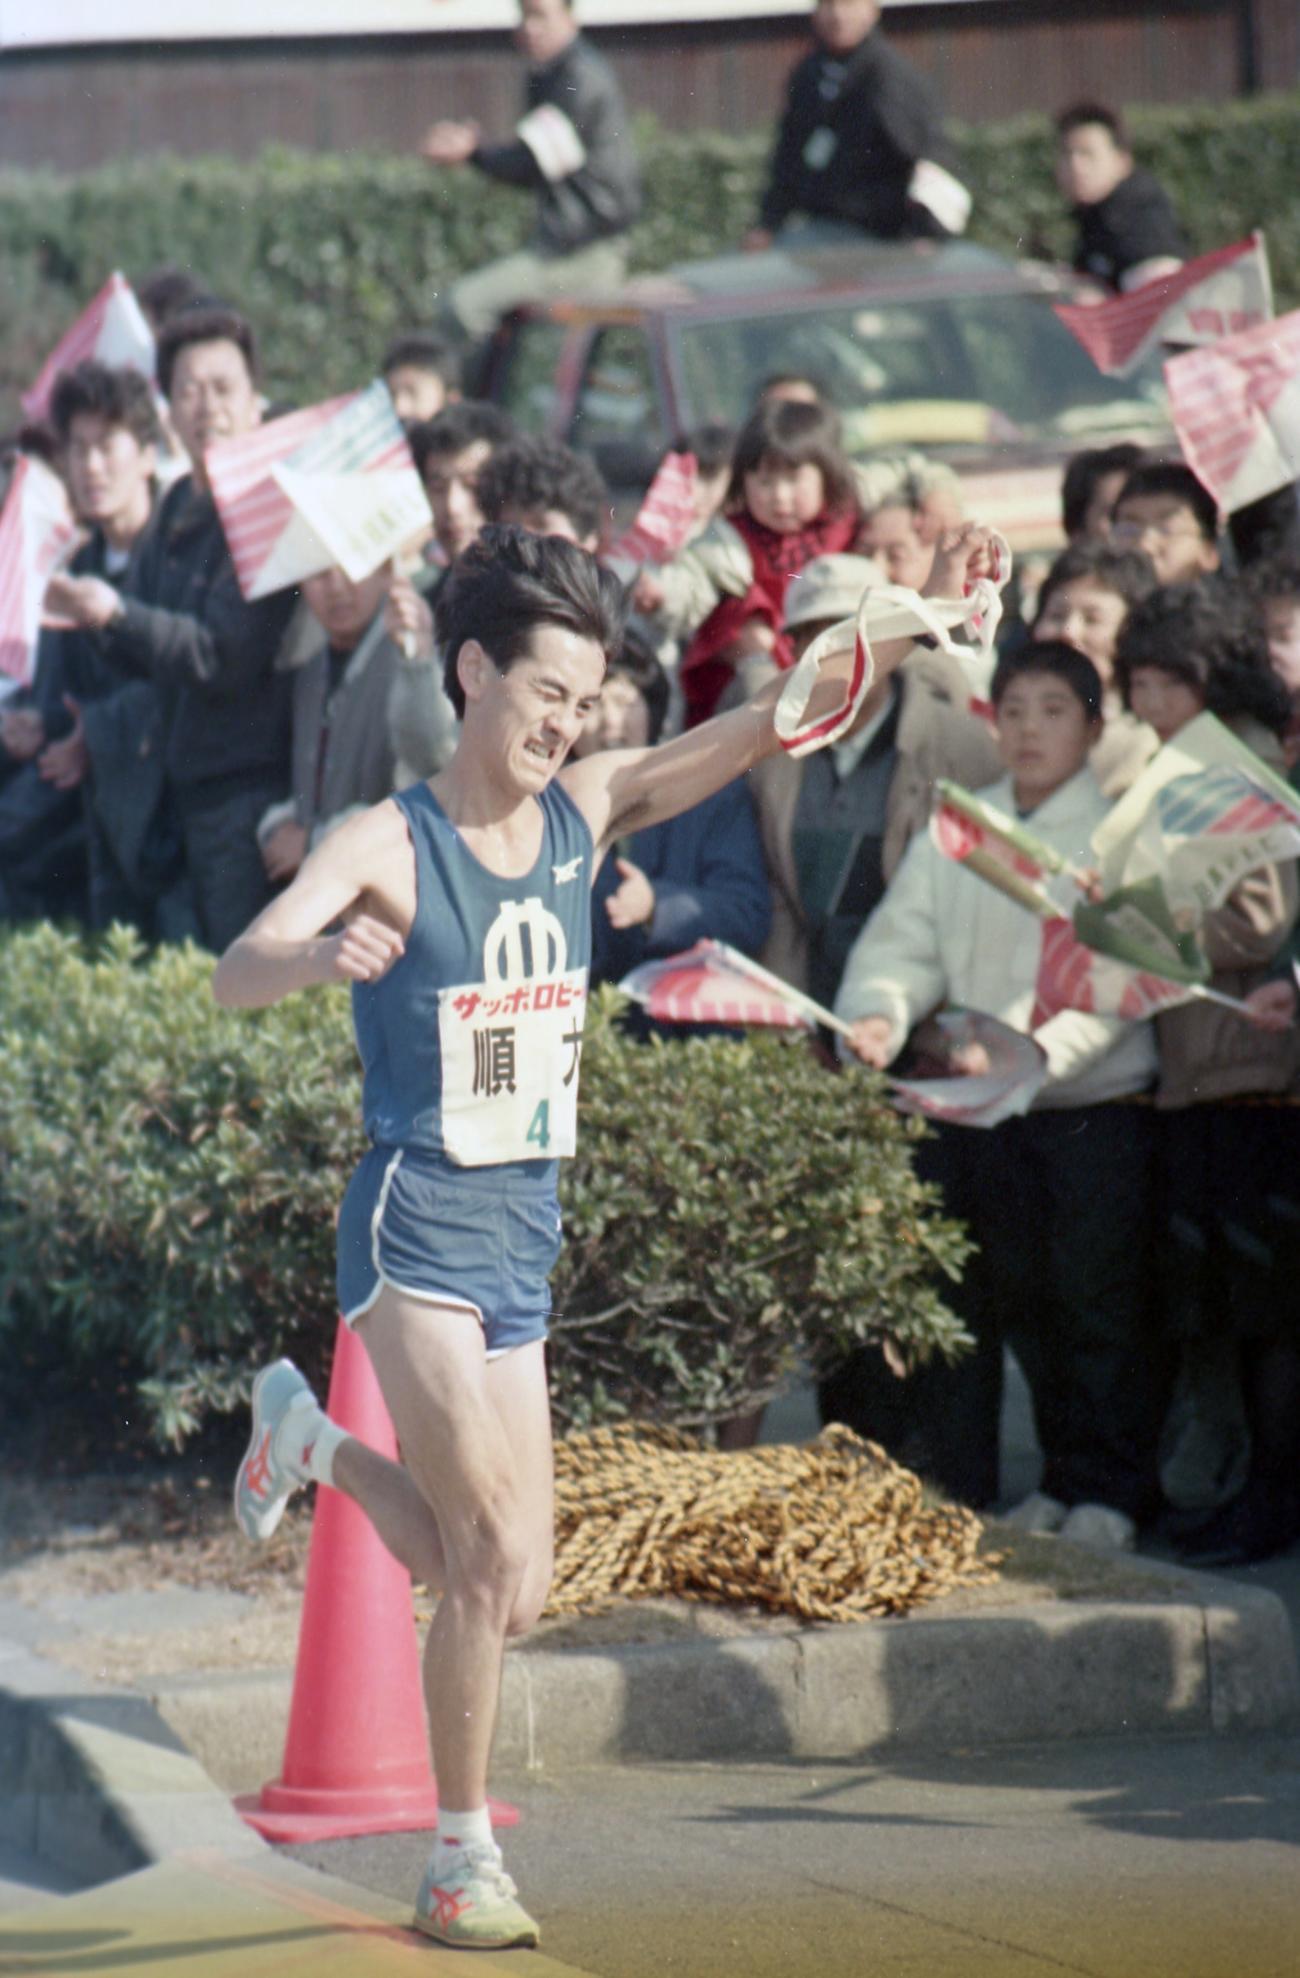 往路4区 2位大東大に3分27秒と差を広げタスキリレーに入る順天堂大・石原典泰(4年、区間1位)=1988年1月2日